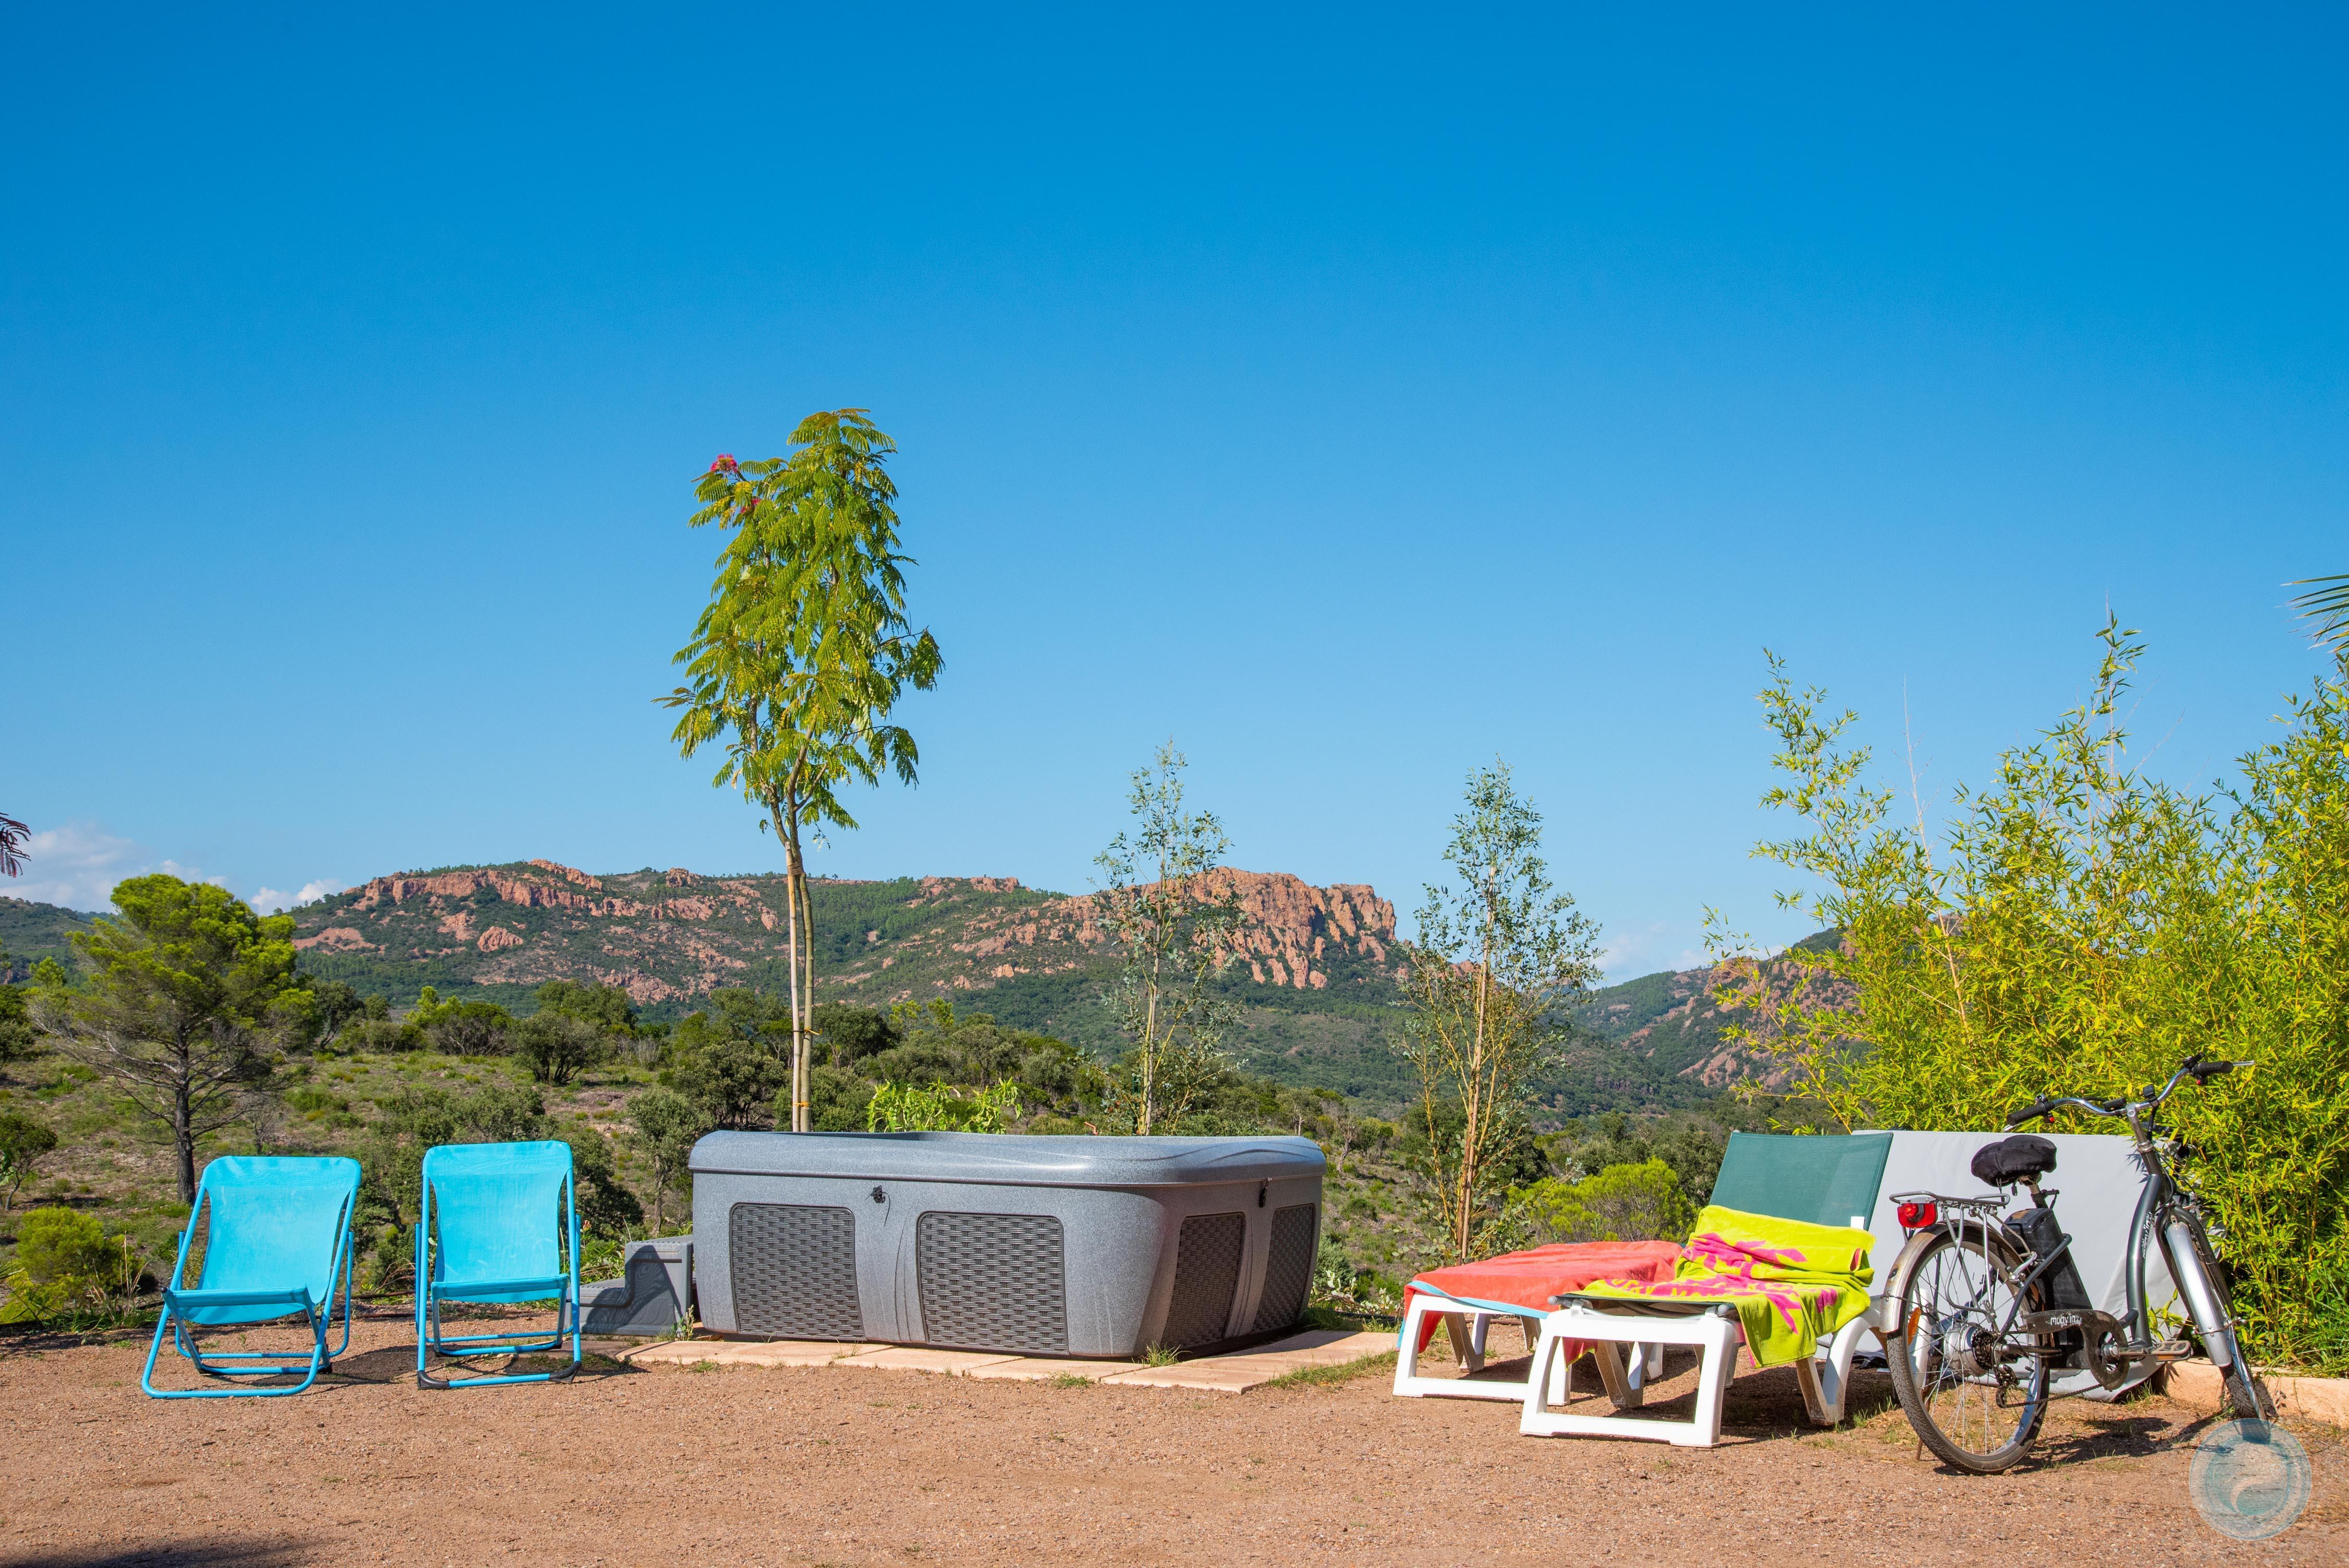 Emplacement - Impérial (Caravane / Campingcar, Attention: Pas De Tente) - Esterel Caravaning